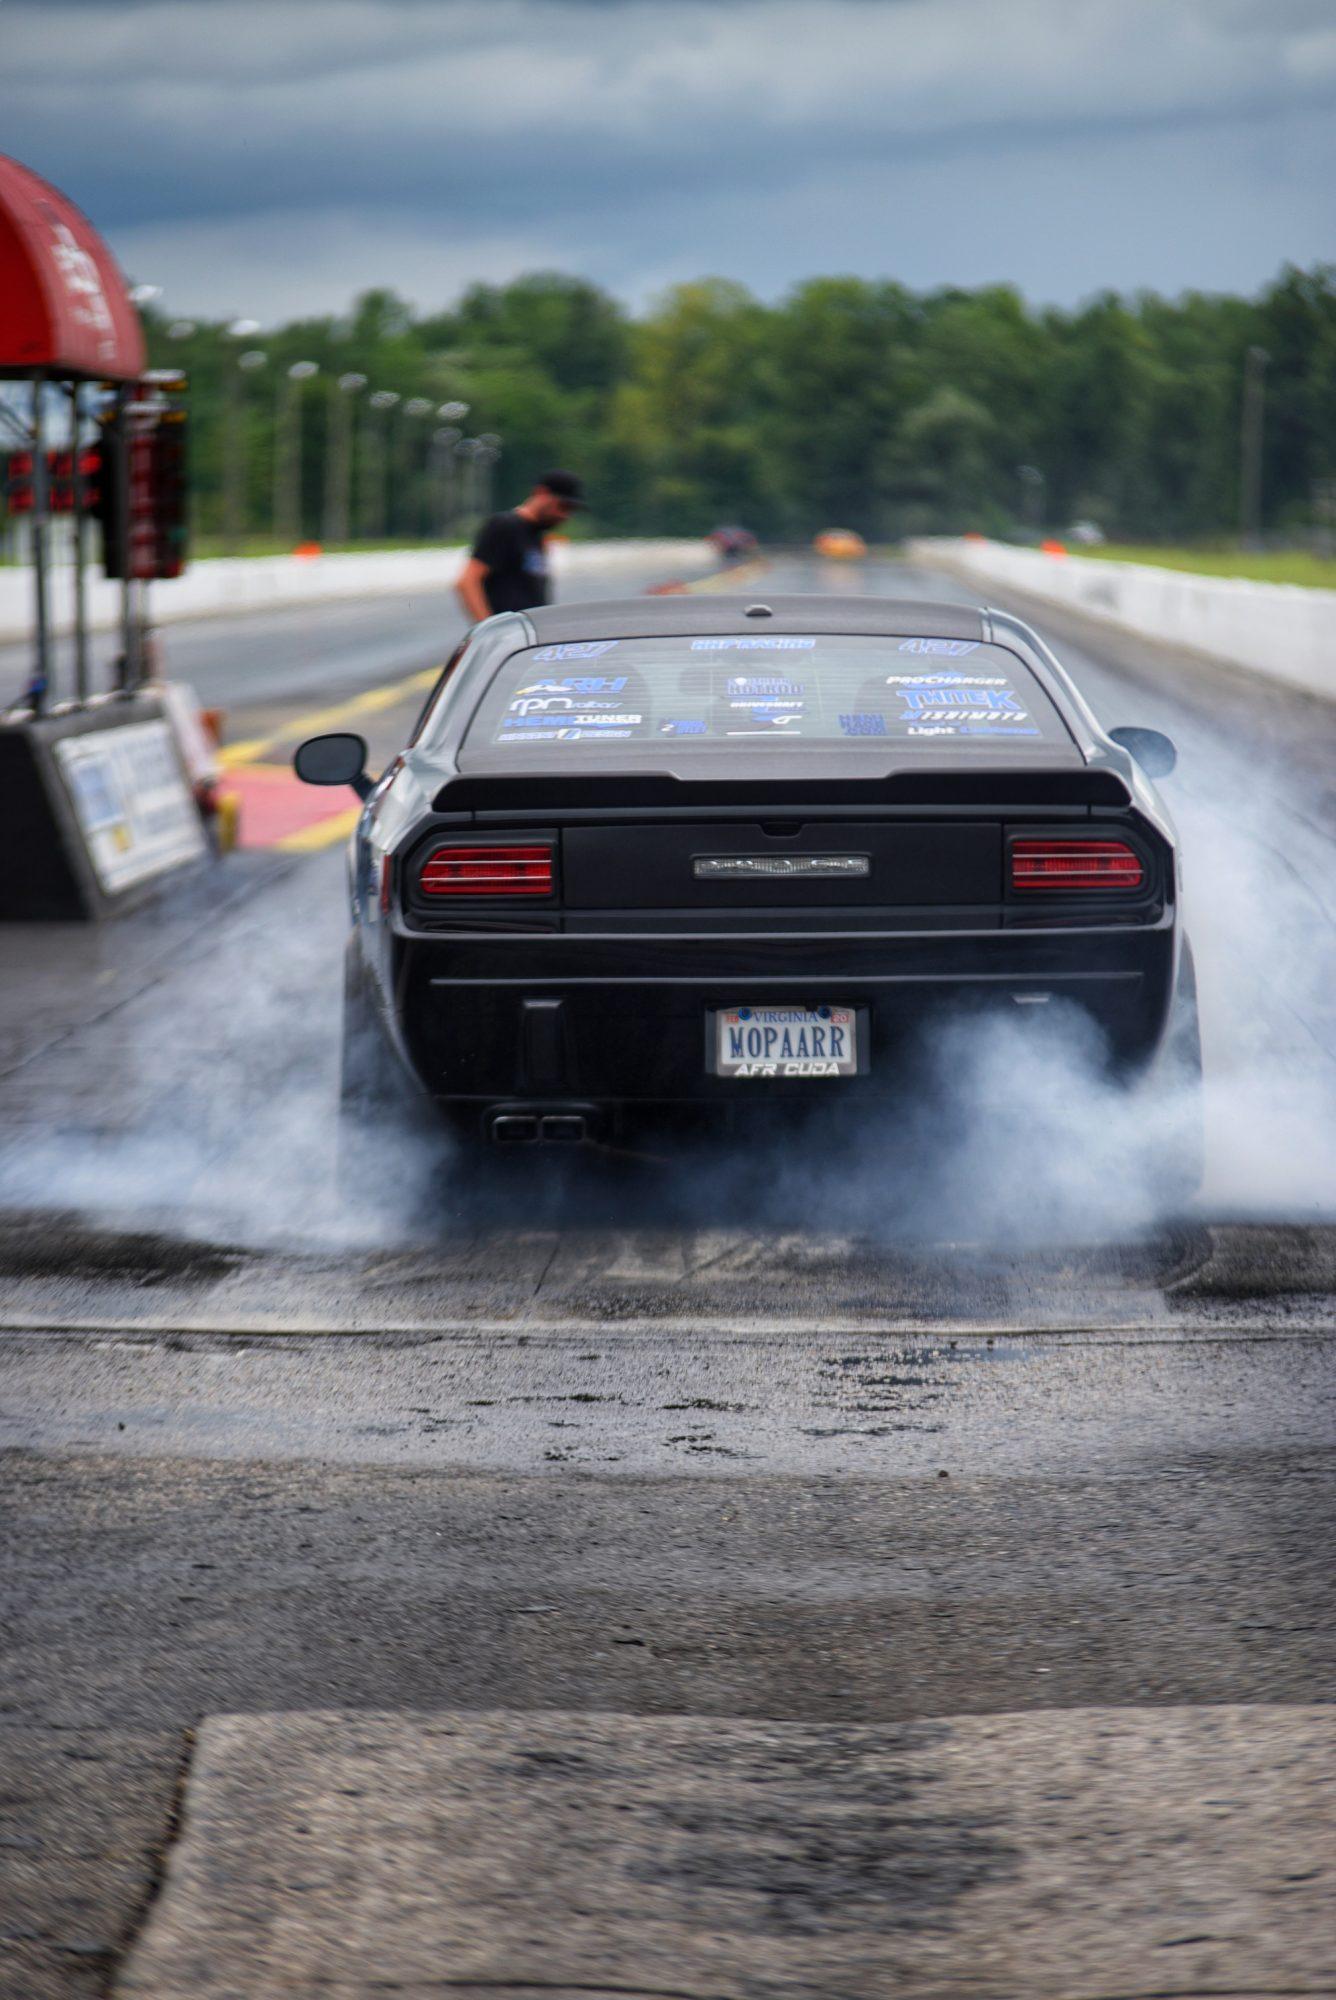 Neichaun doing a burnout before a drag race